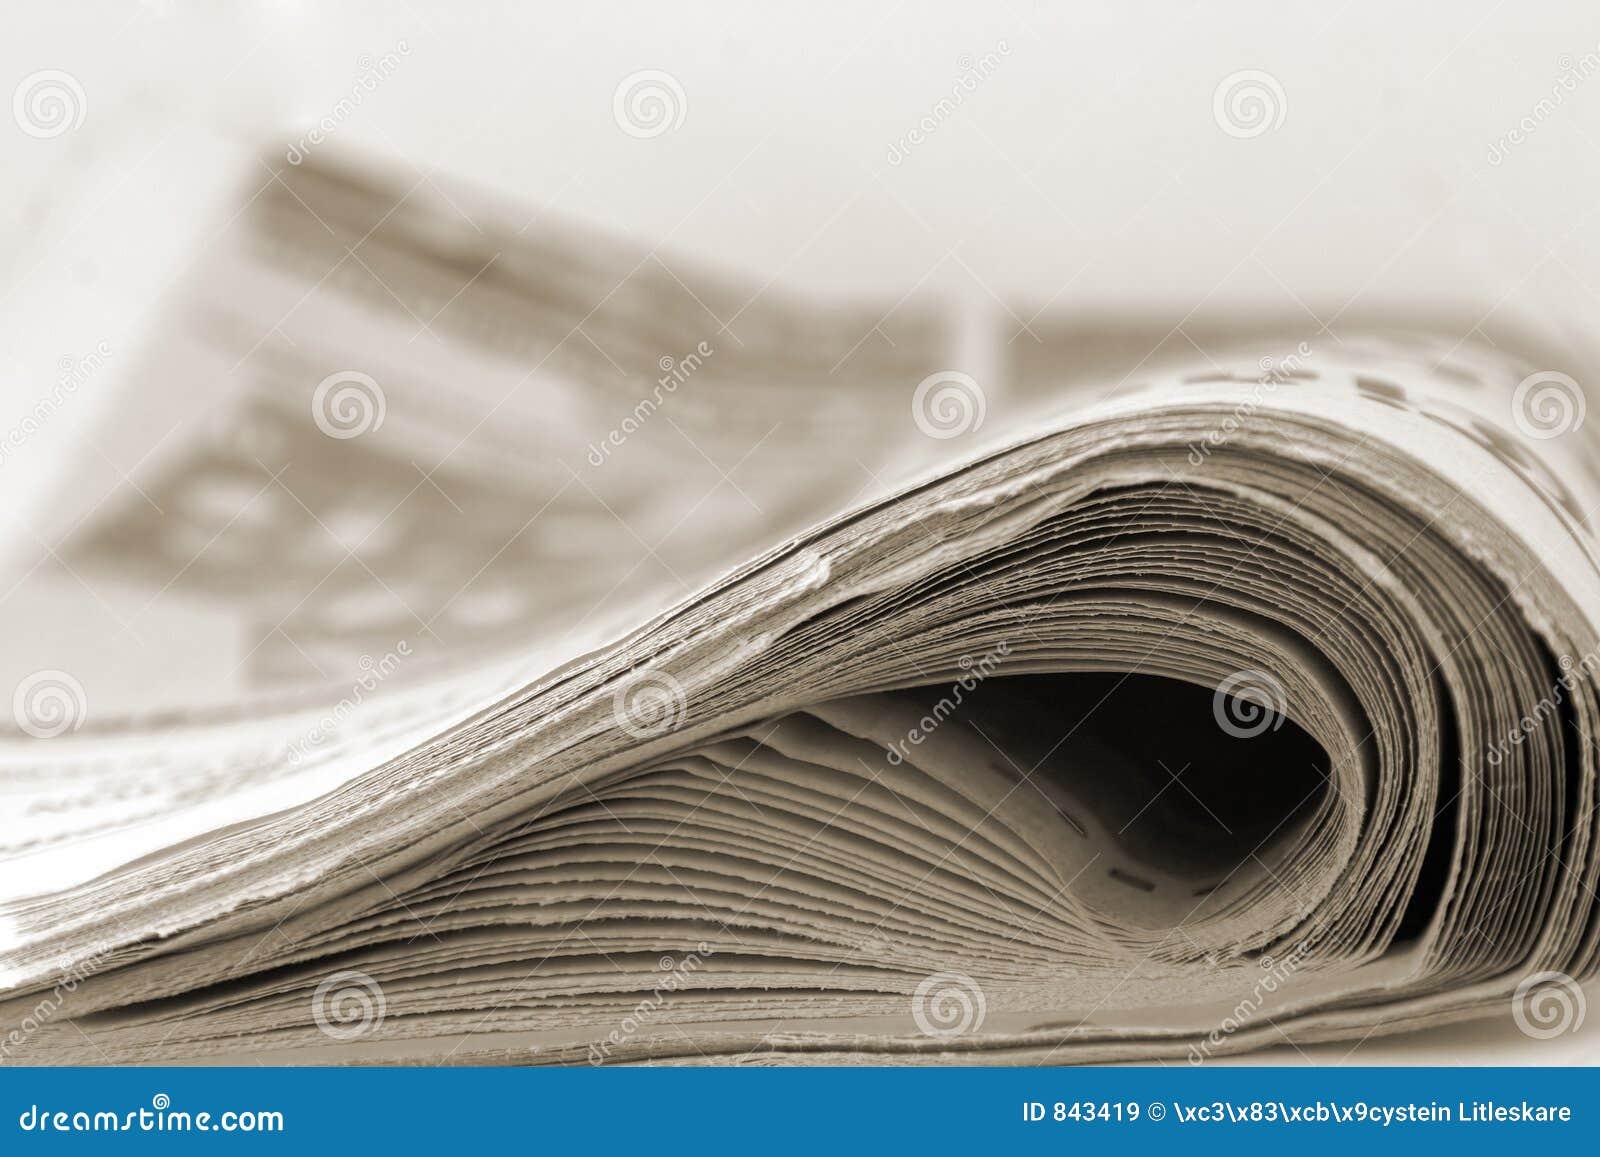 Newspaper in sepia